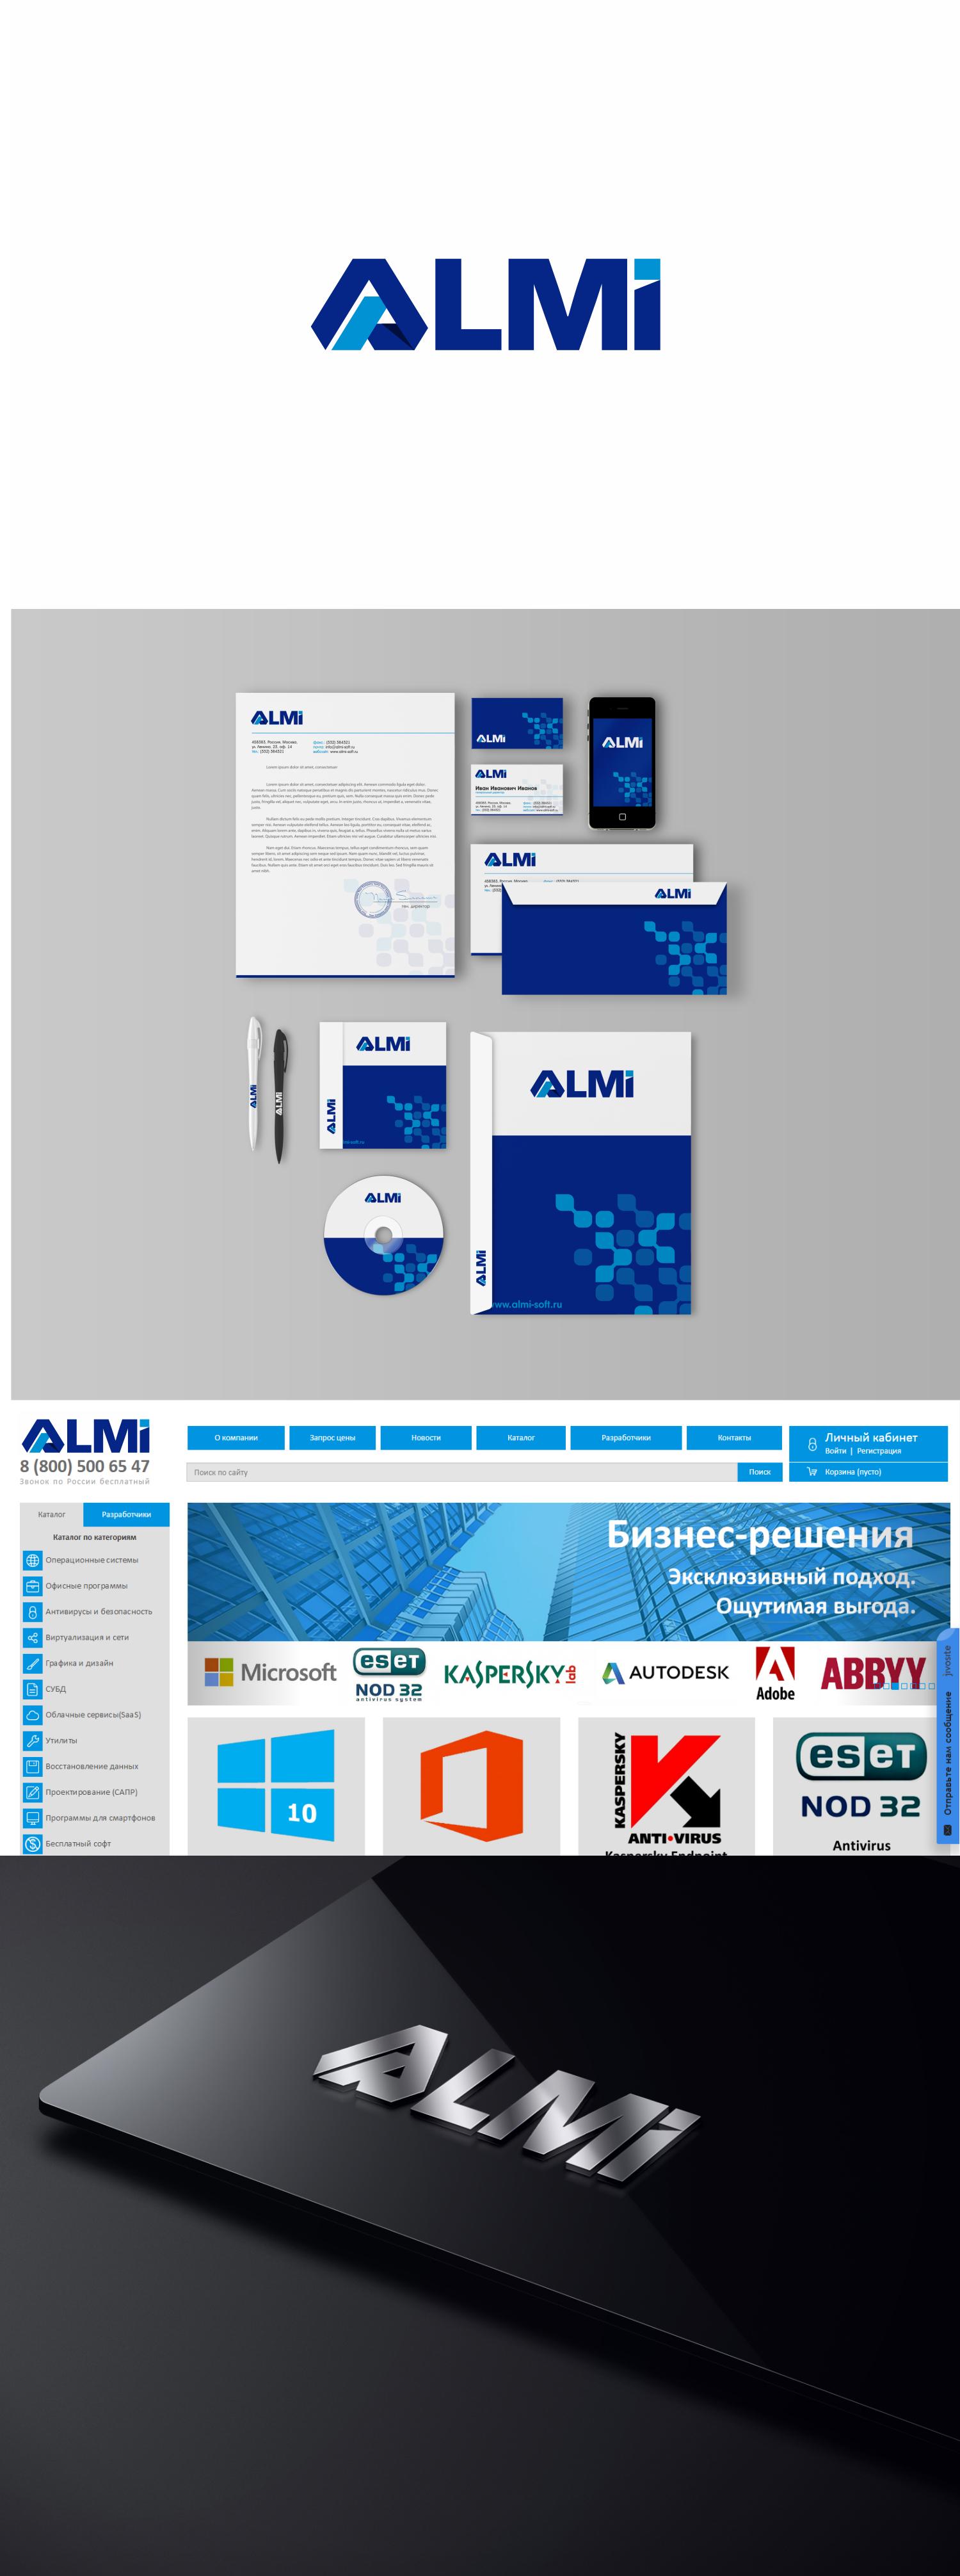 Разработка логотипа и фона фото f_51059969c6263f66.jpg